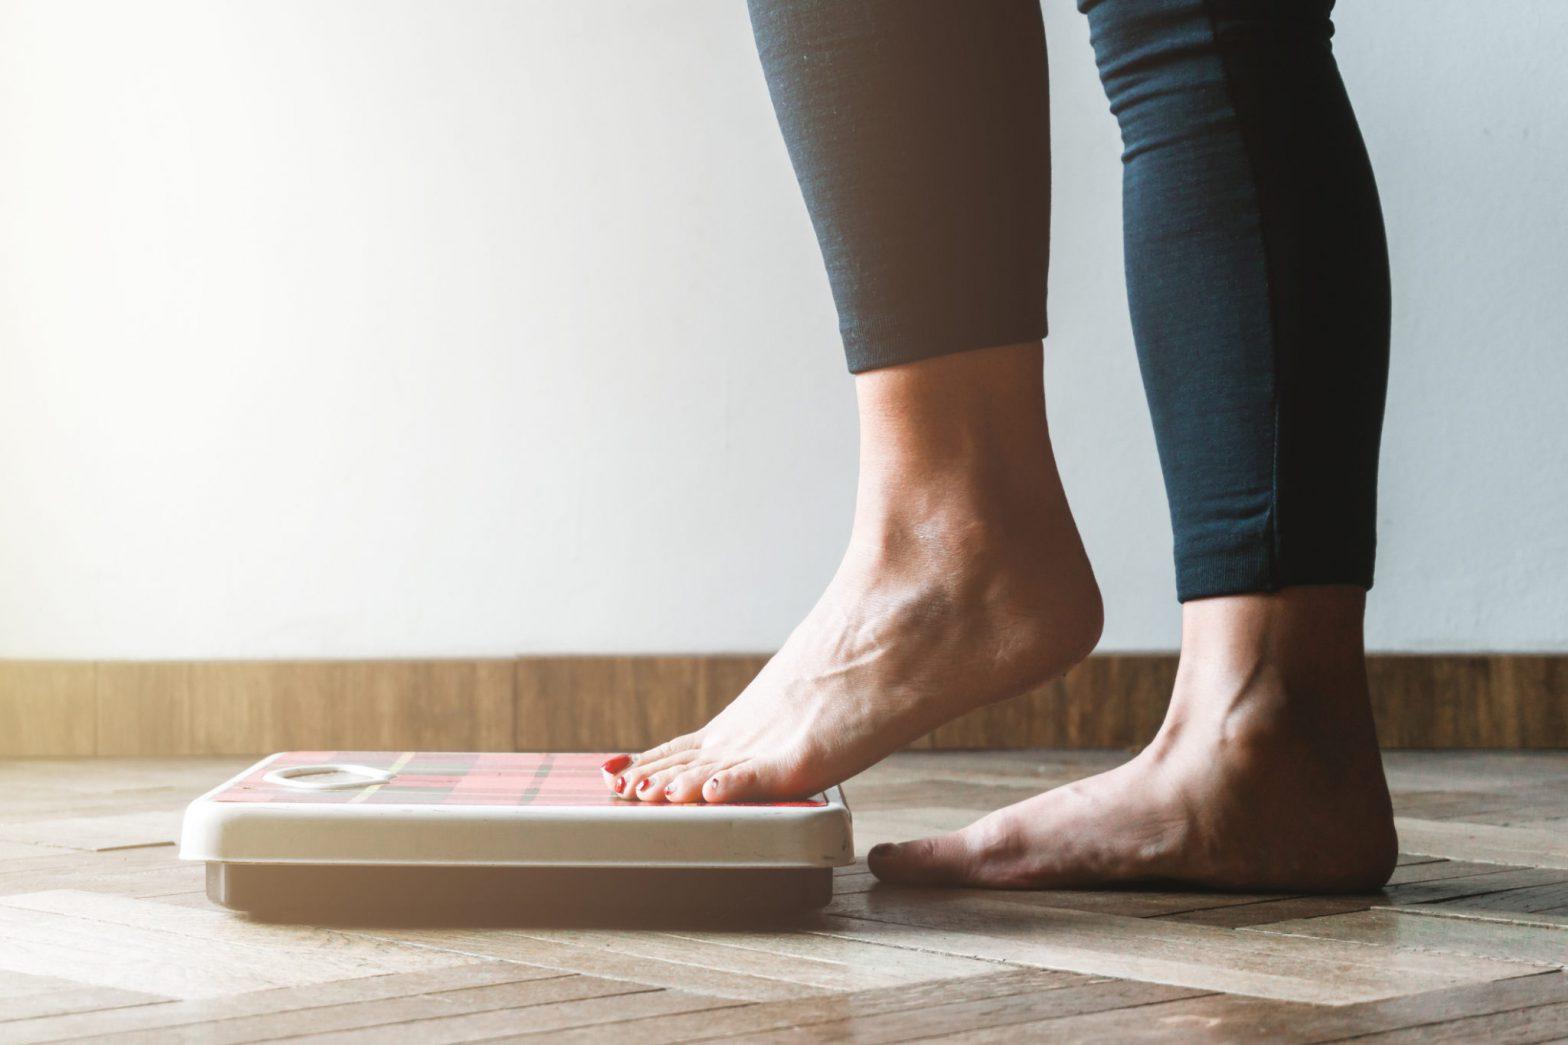 کاهش وزن بعد از عمل اسلیو